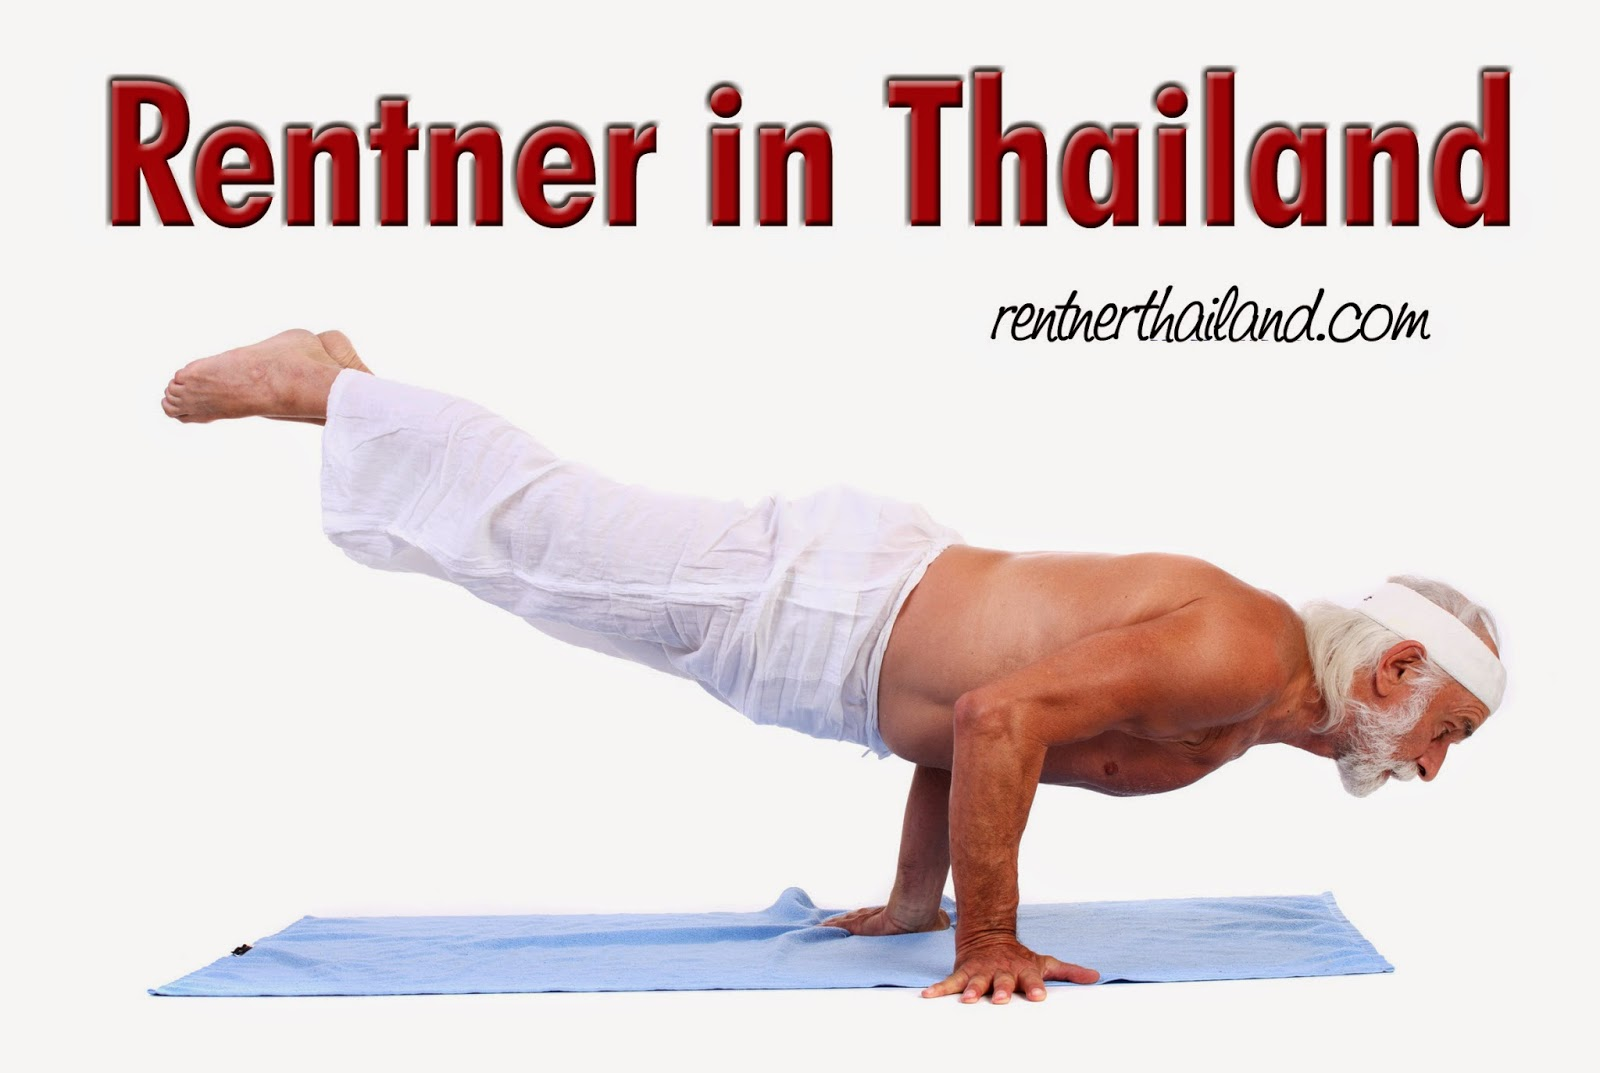 Rentner In Thailand